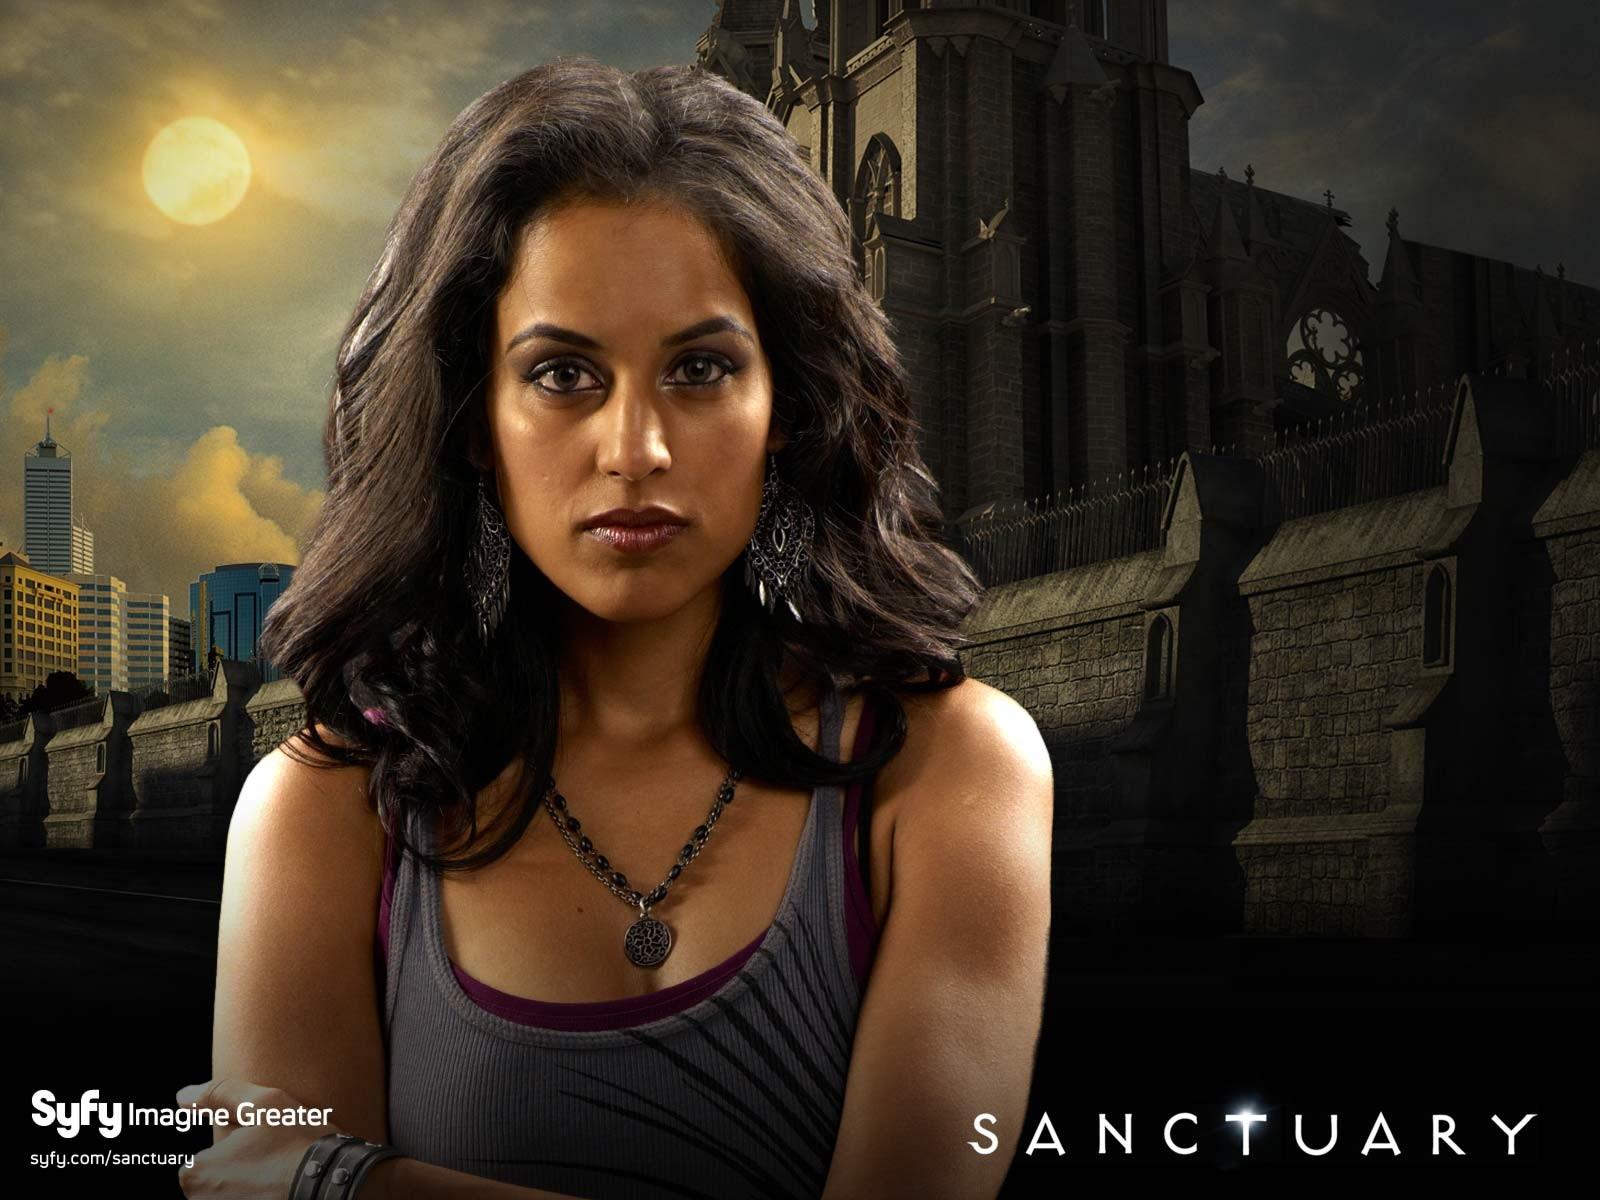 Agam Darshi in un wallpaper della serie Sanctuary